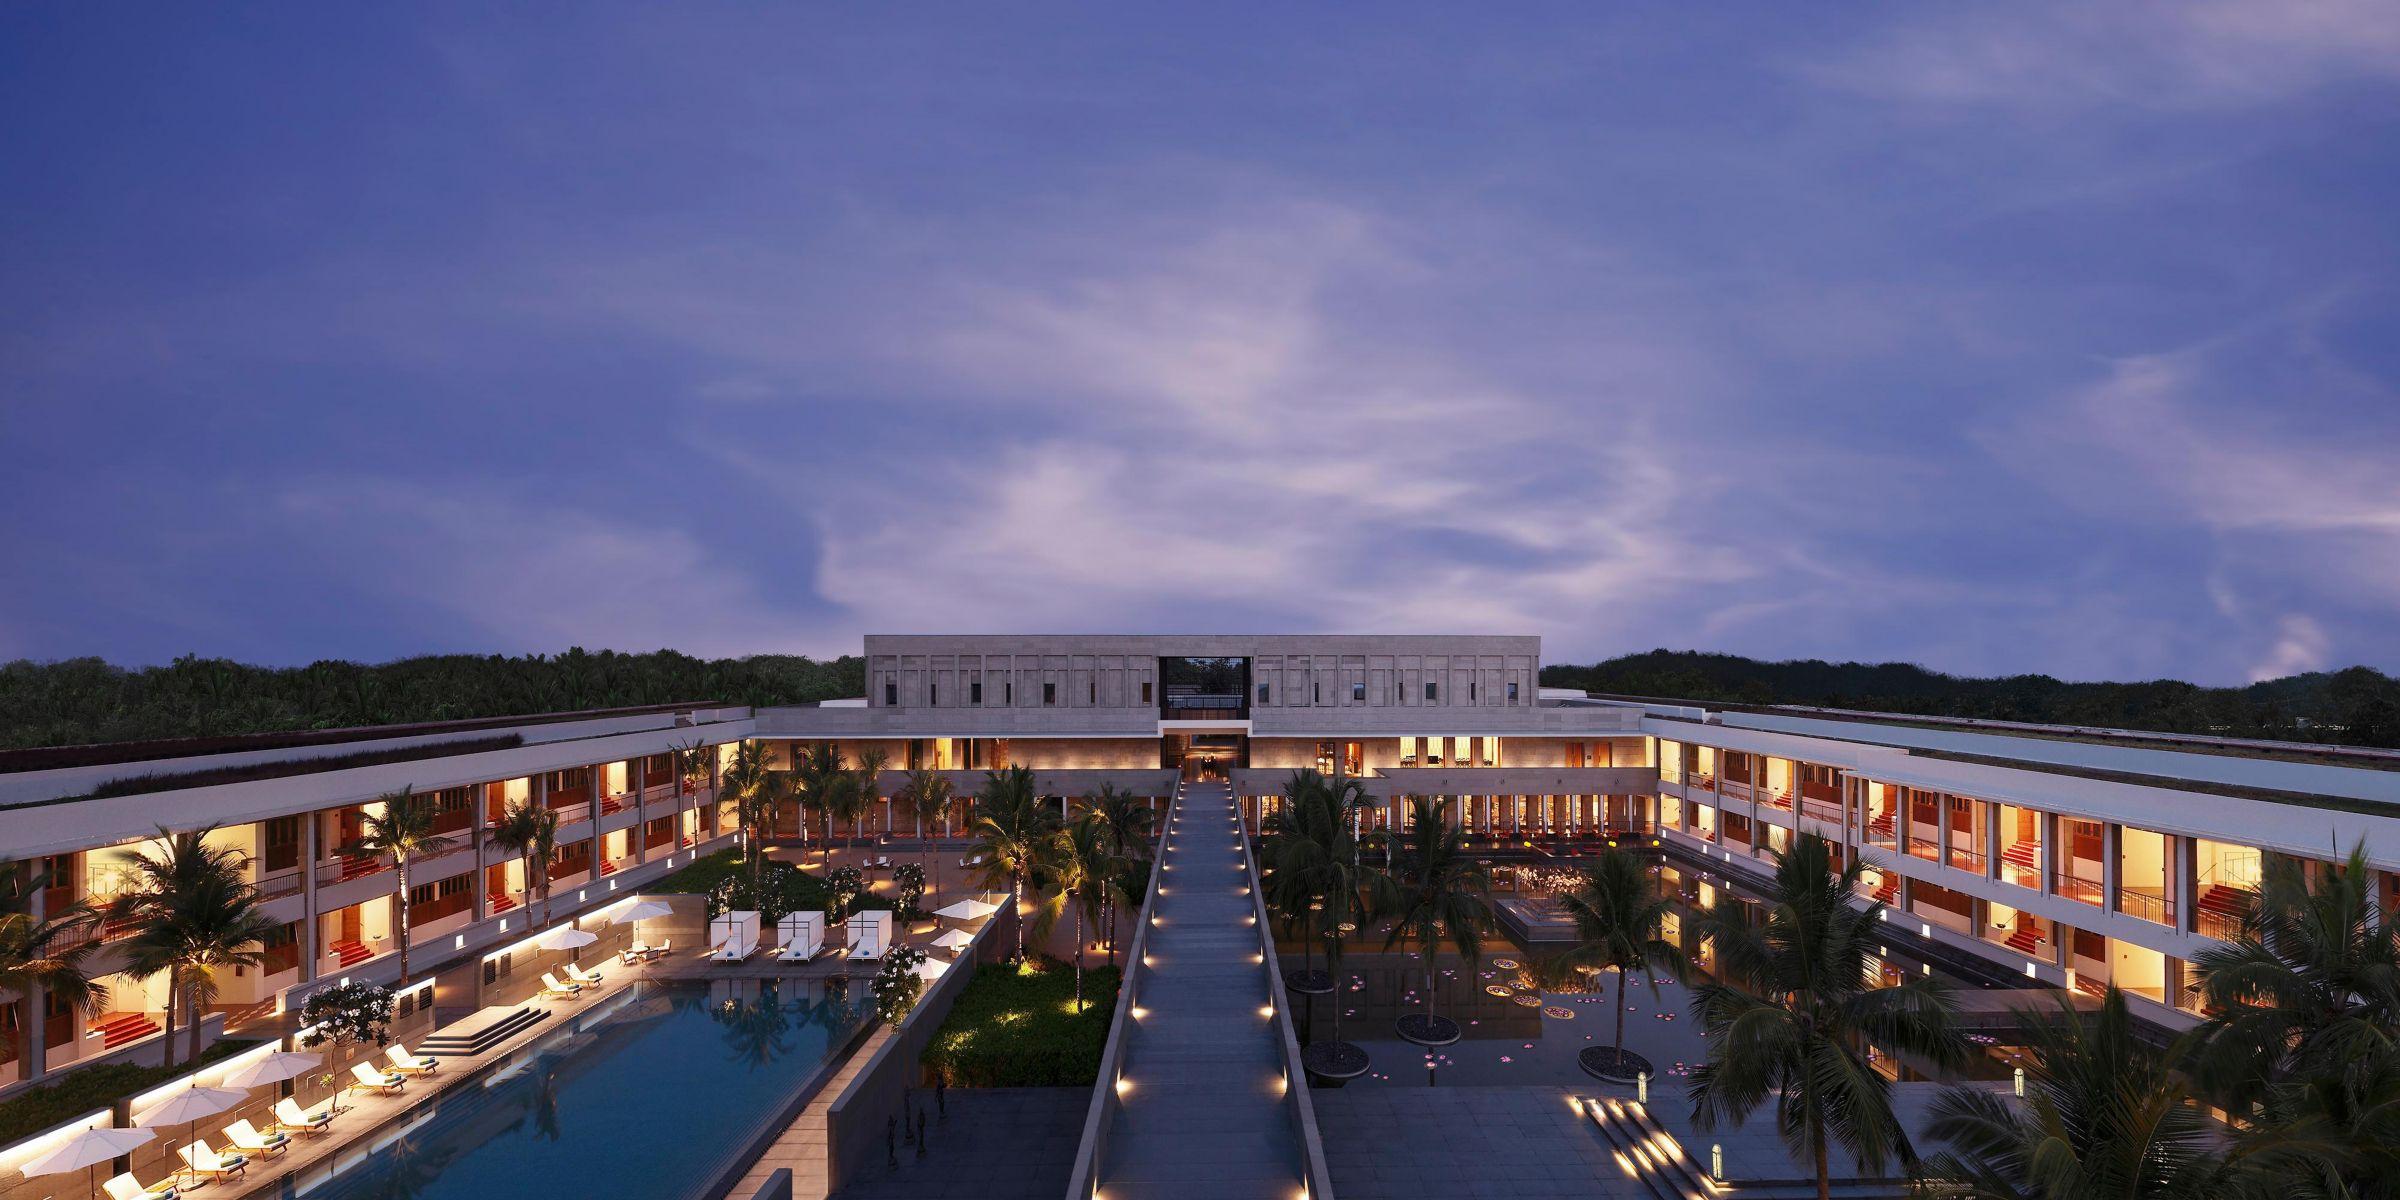 Best Hotels In Ecr